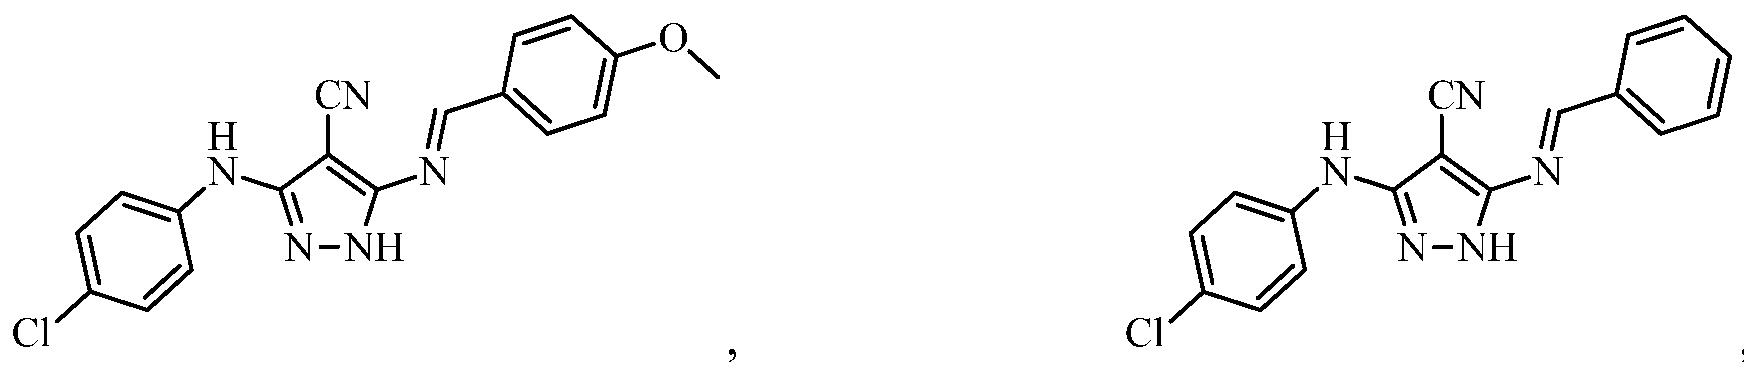 Figure imgf000163_0004